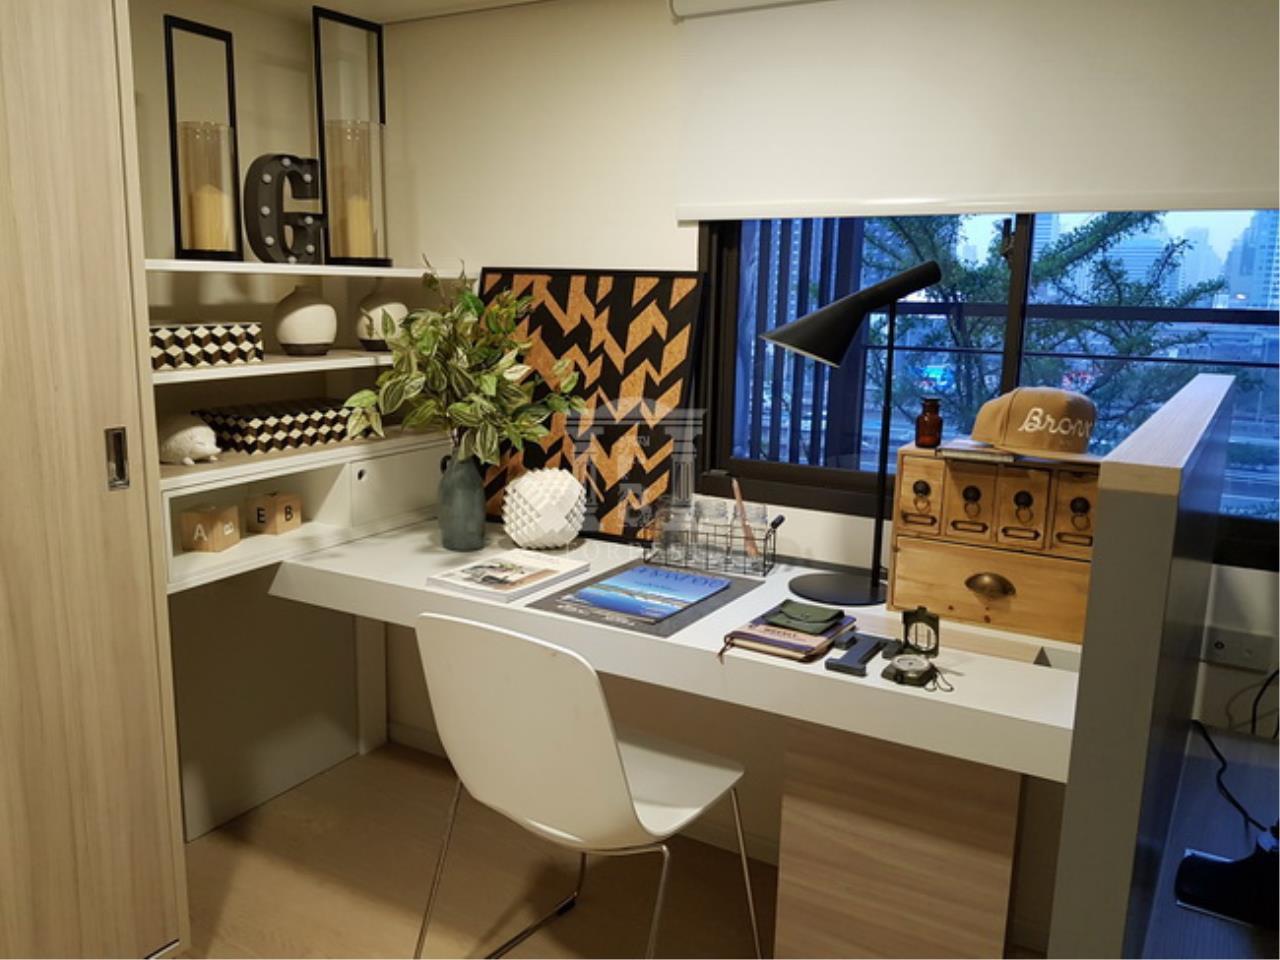 37937 - Chewathai Residence Asoke Road. Duplex room 35.55 sq.m.